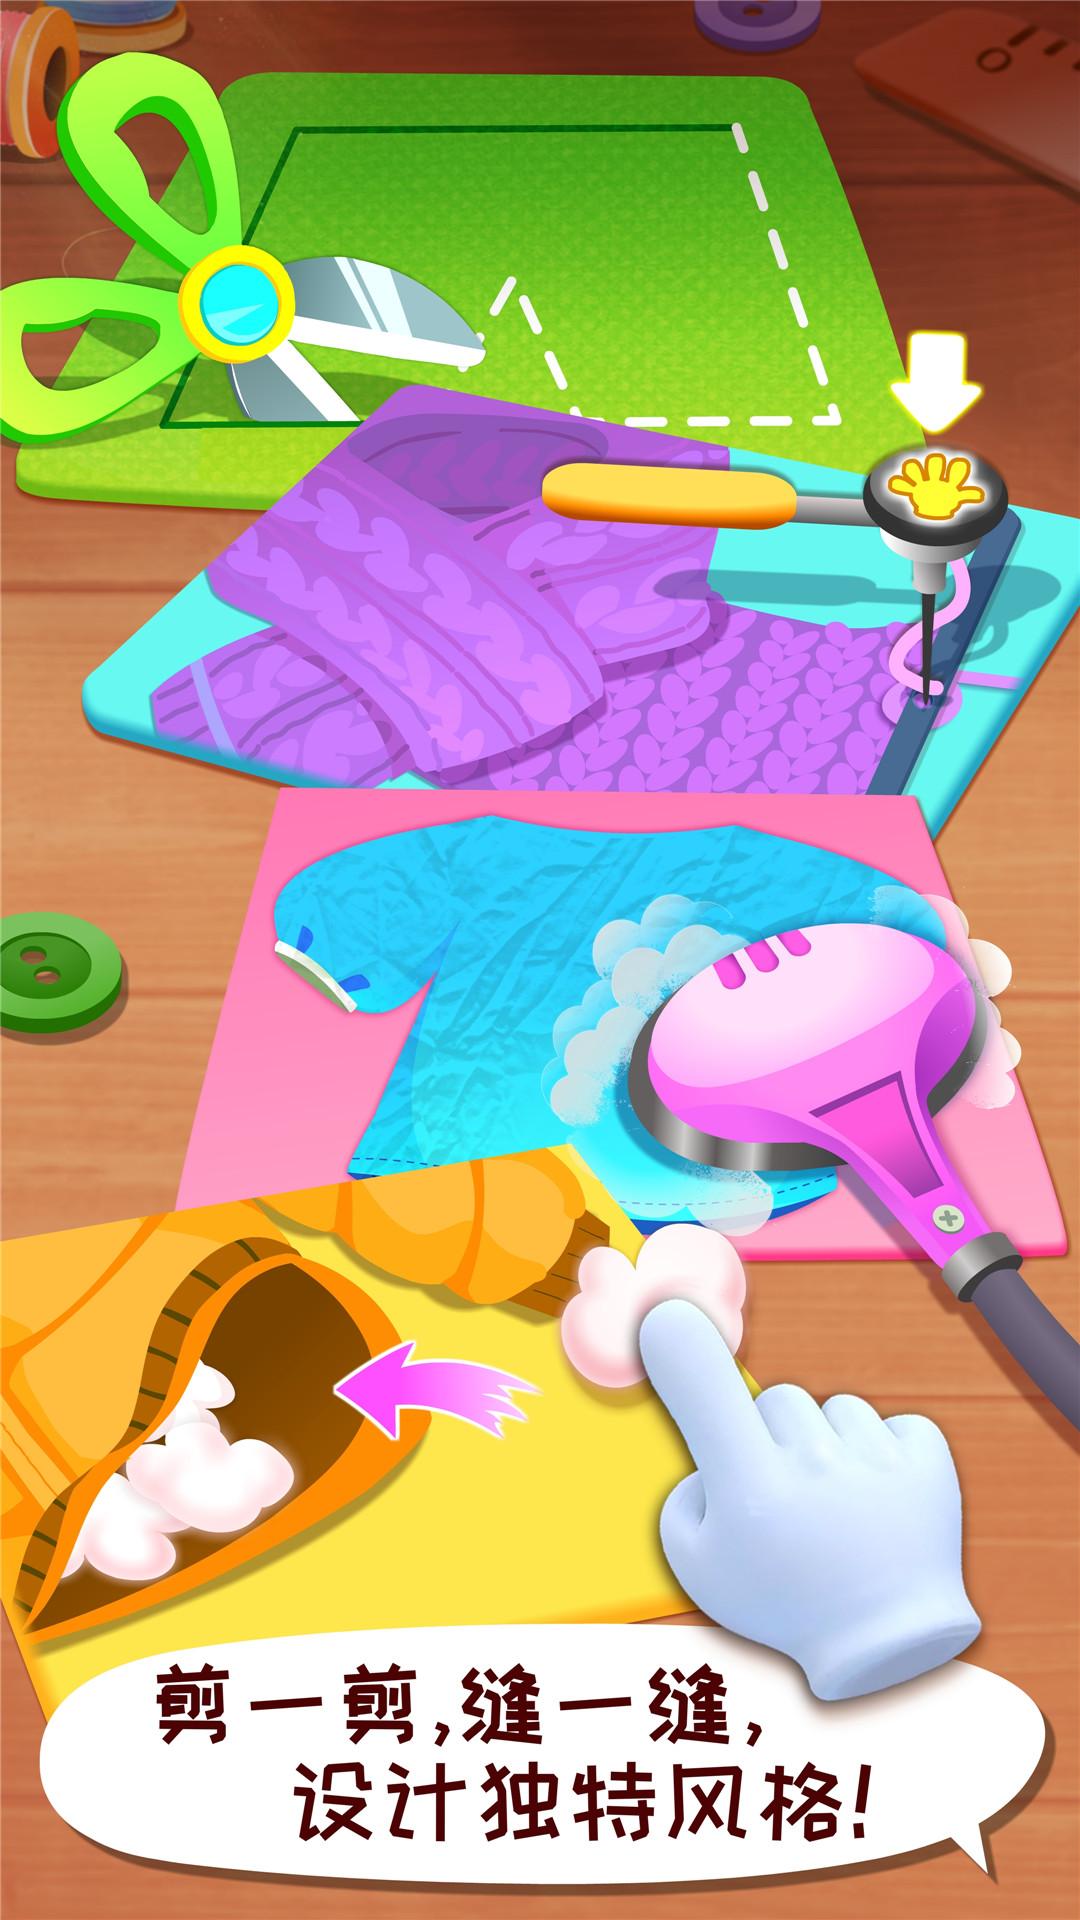 宝宝时尚设计师-应用截图